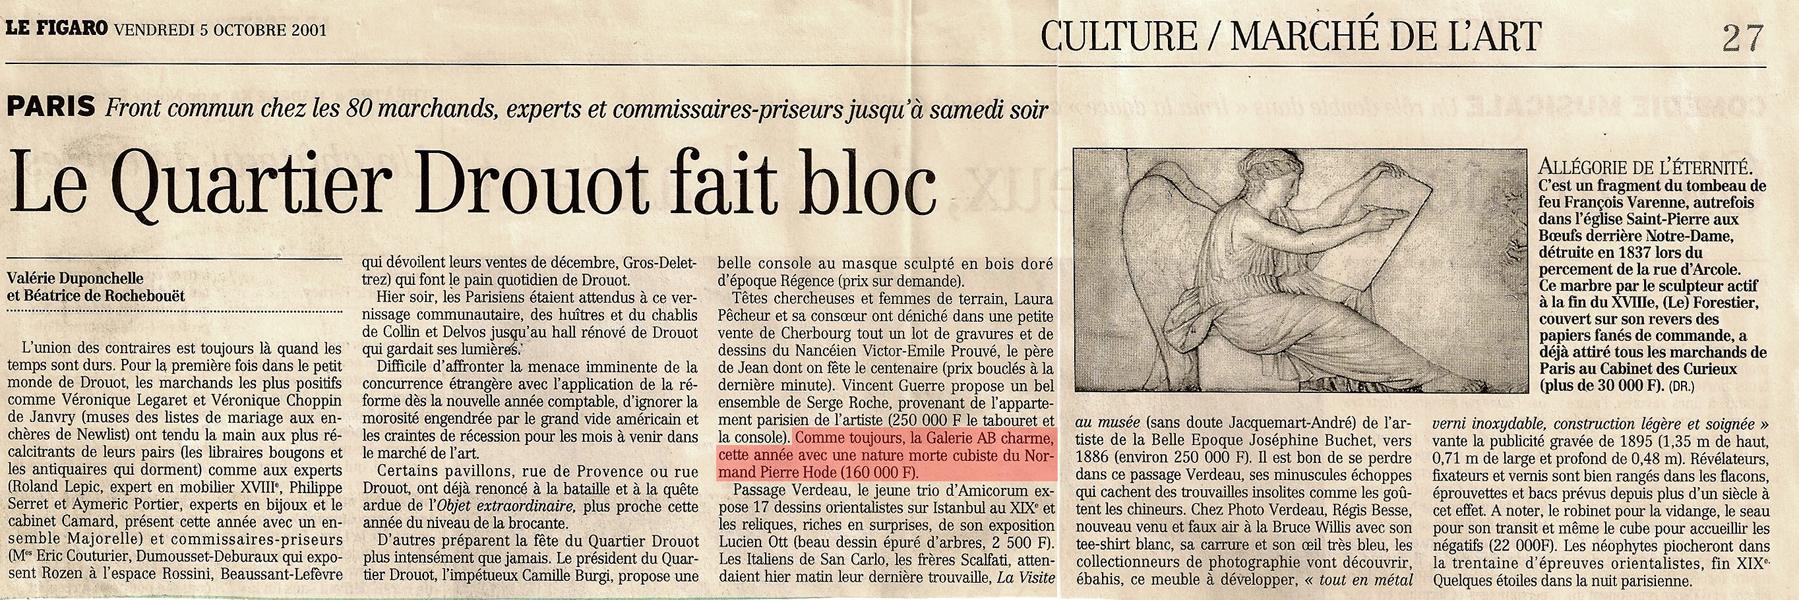 le figaro 2001 Galerie AB Paris